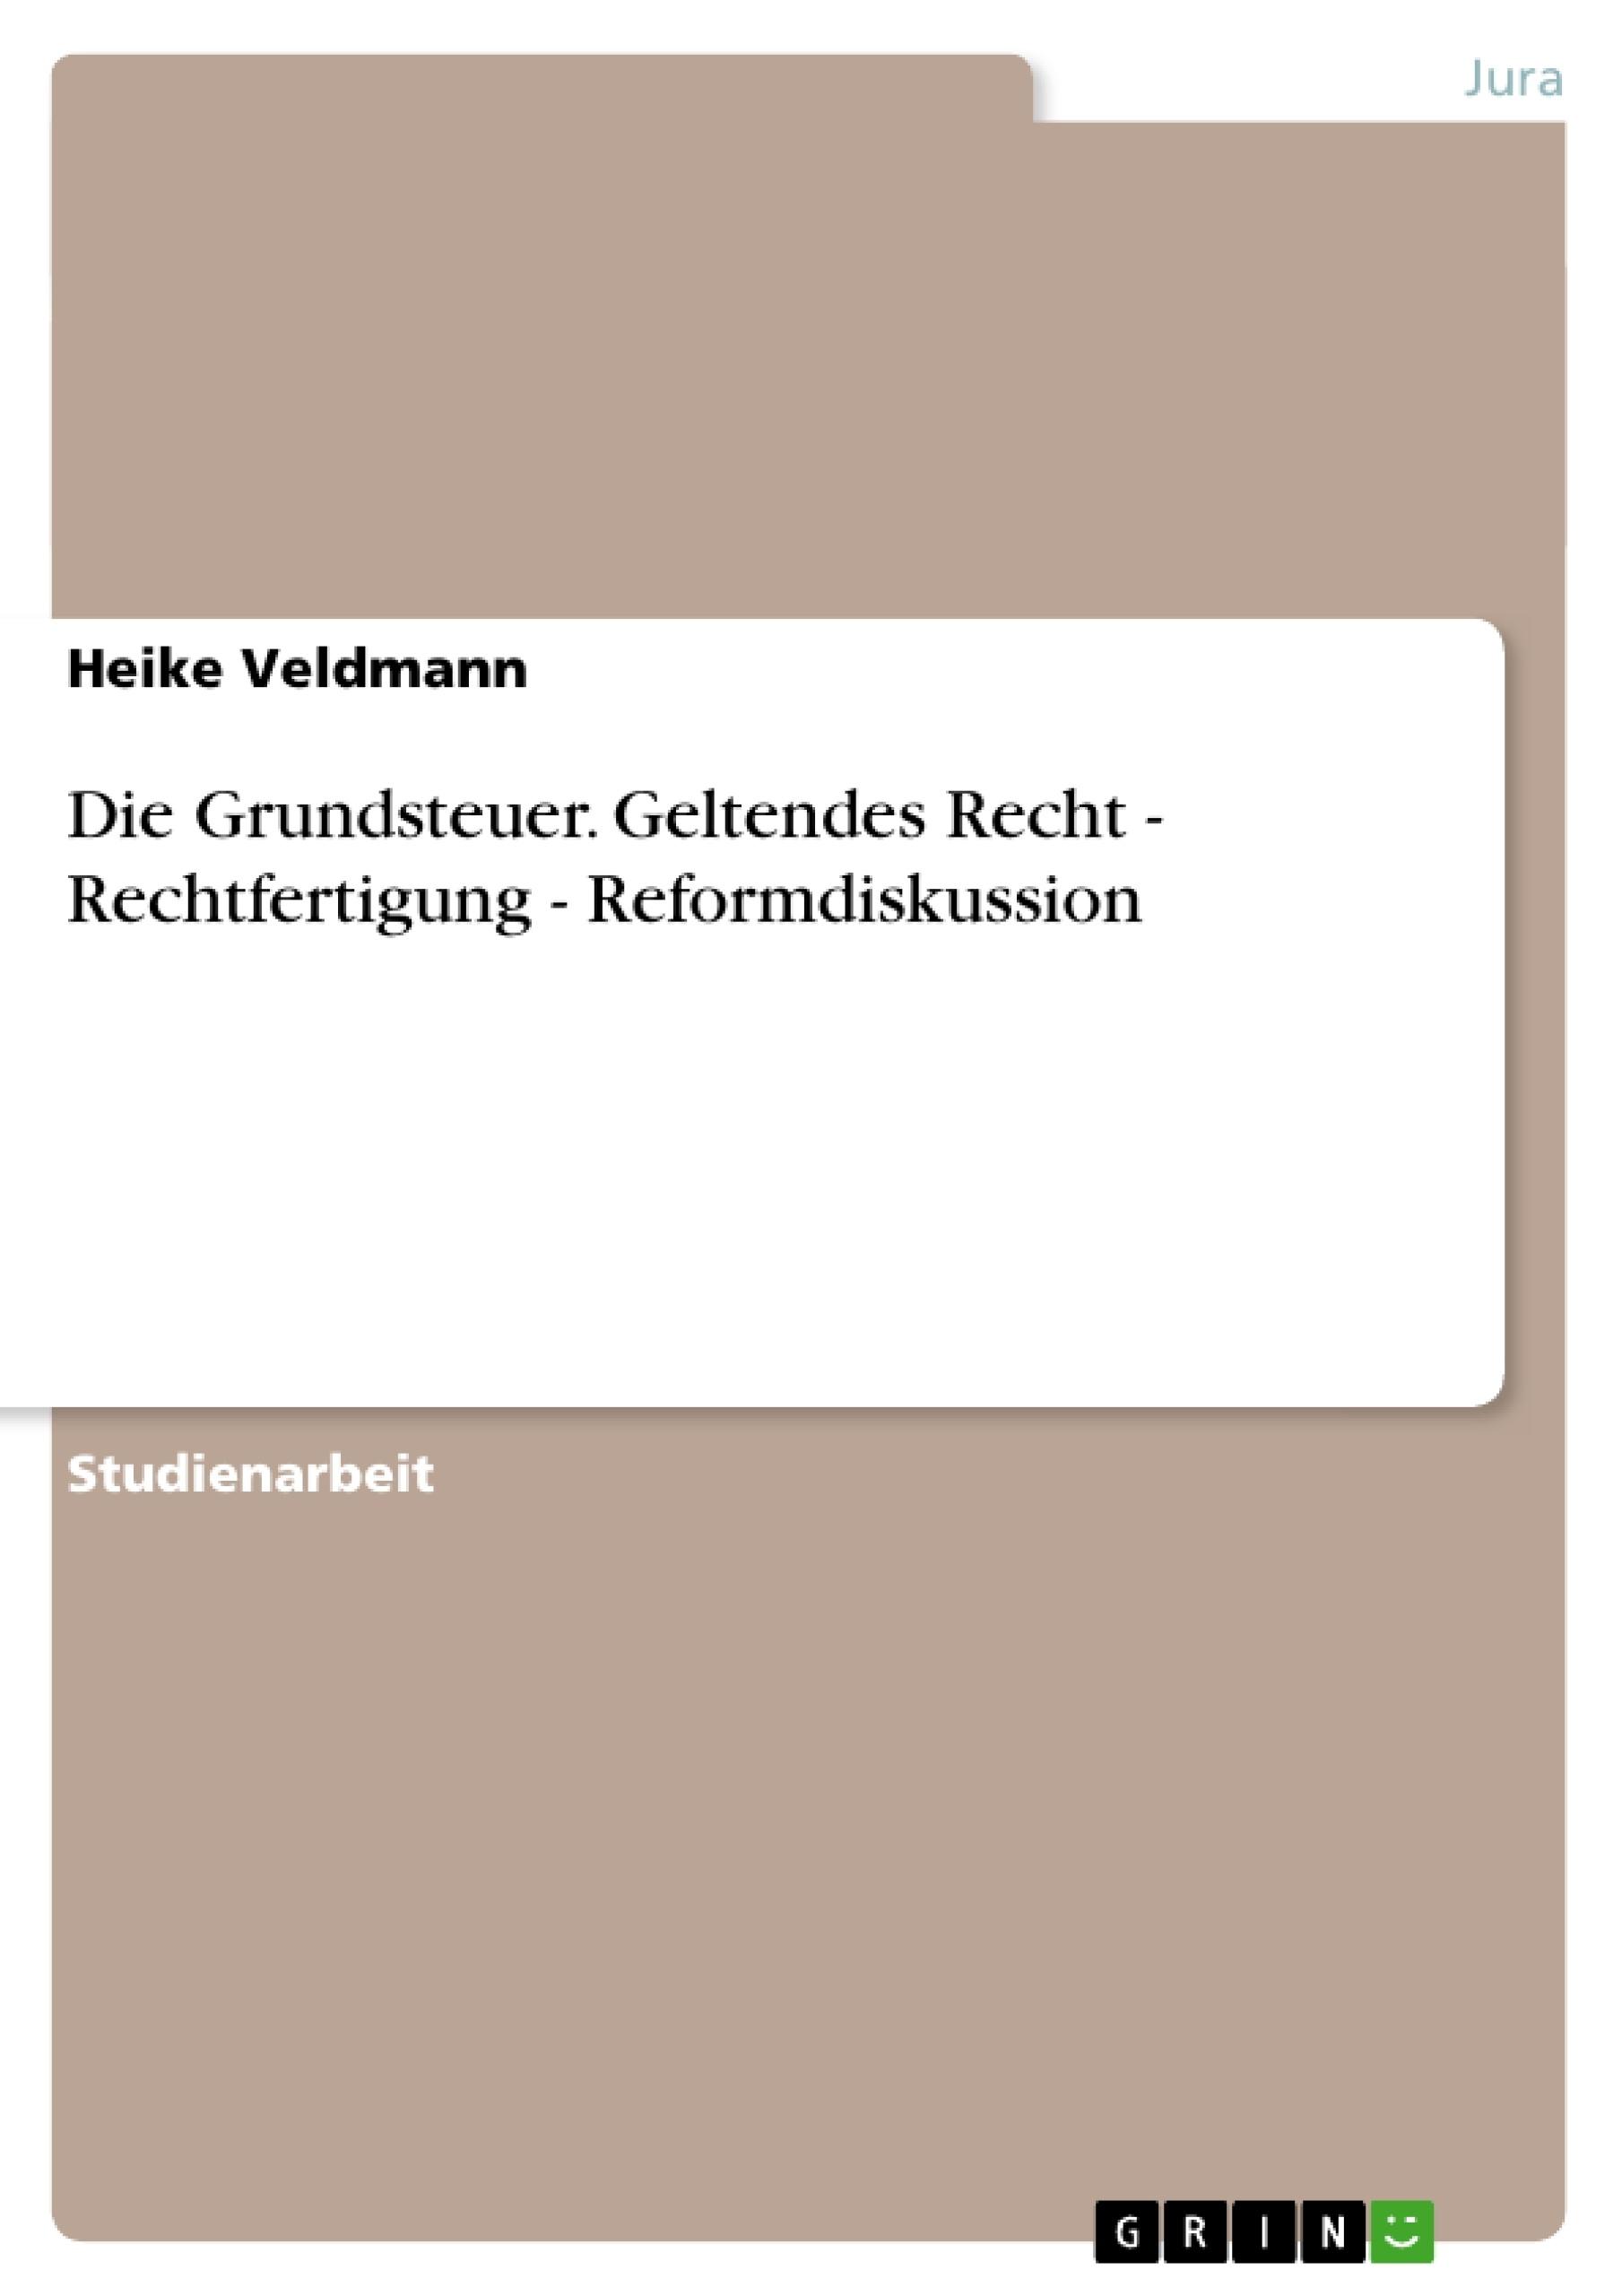 Titel: Die Grundsteuer. Geltendes Recht - Rechtfertigung - Reformdiskussion